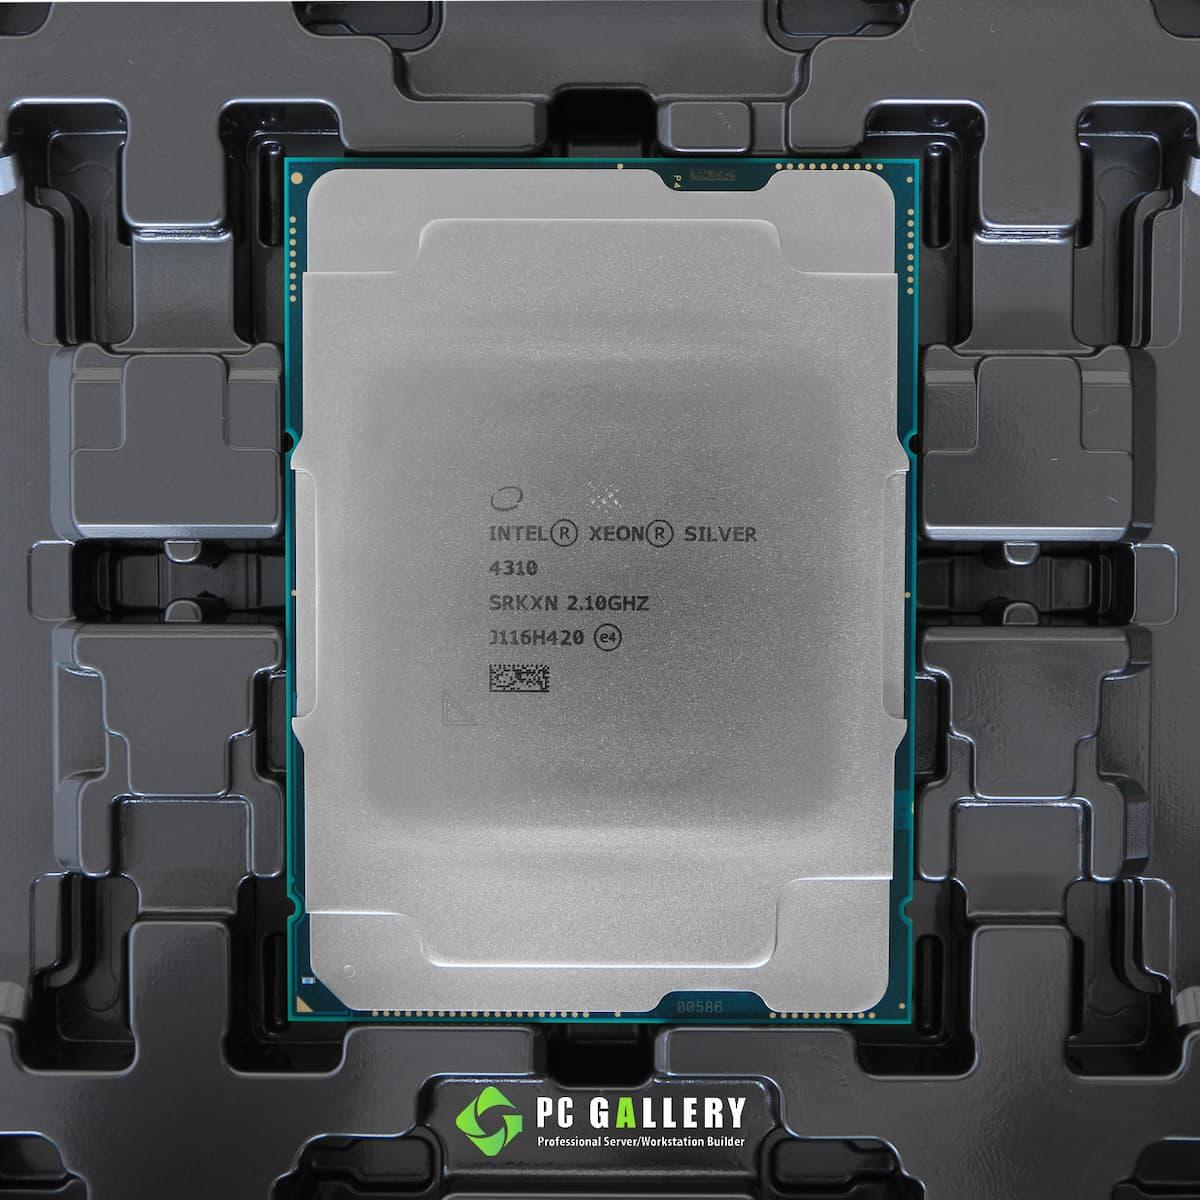 Intel-Xeon-Silver-4310